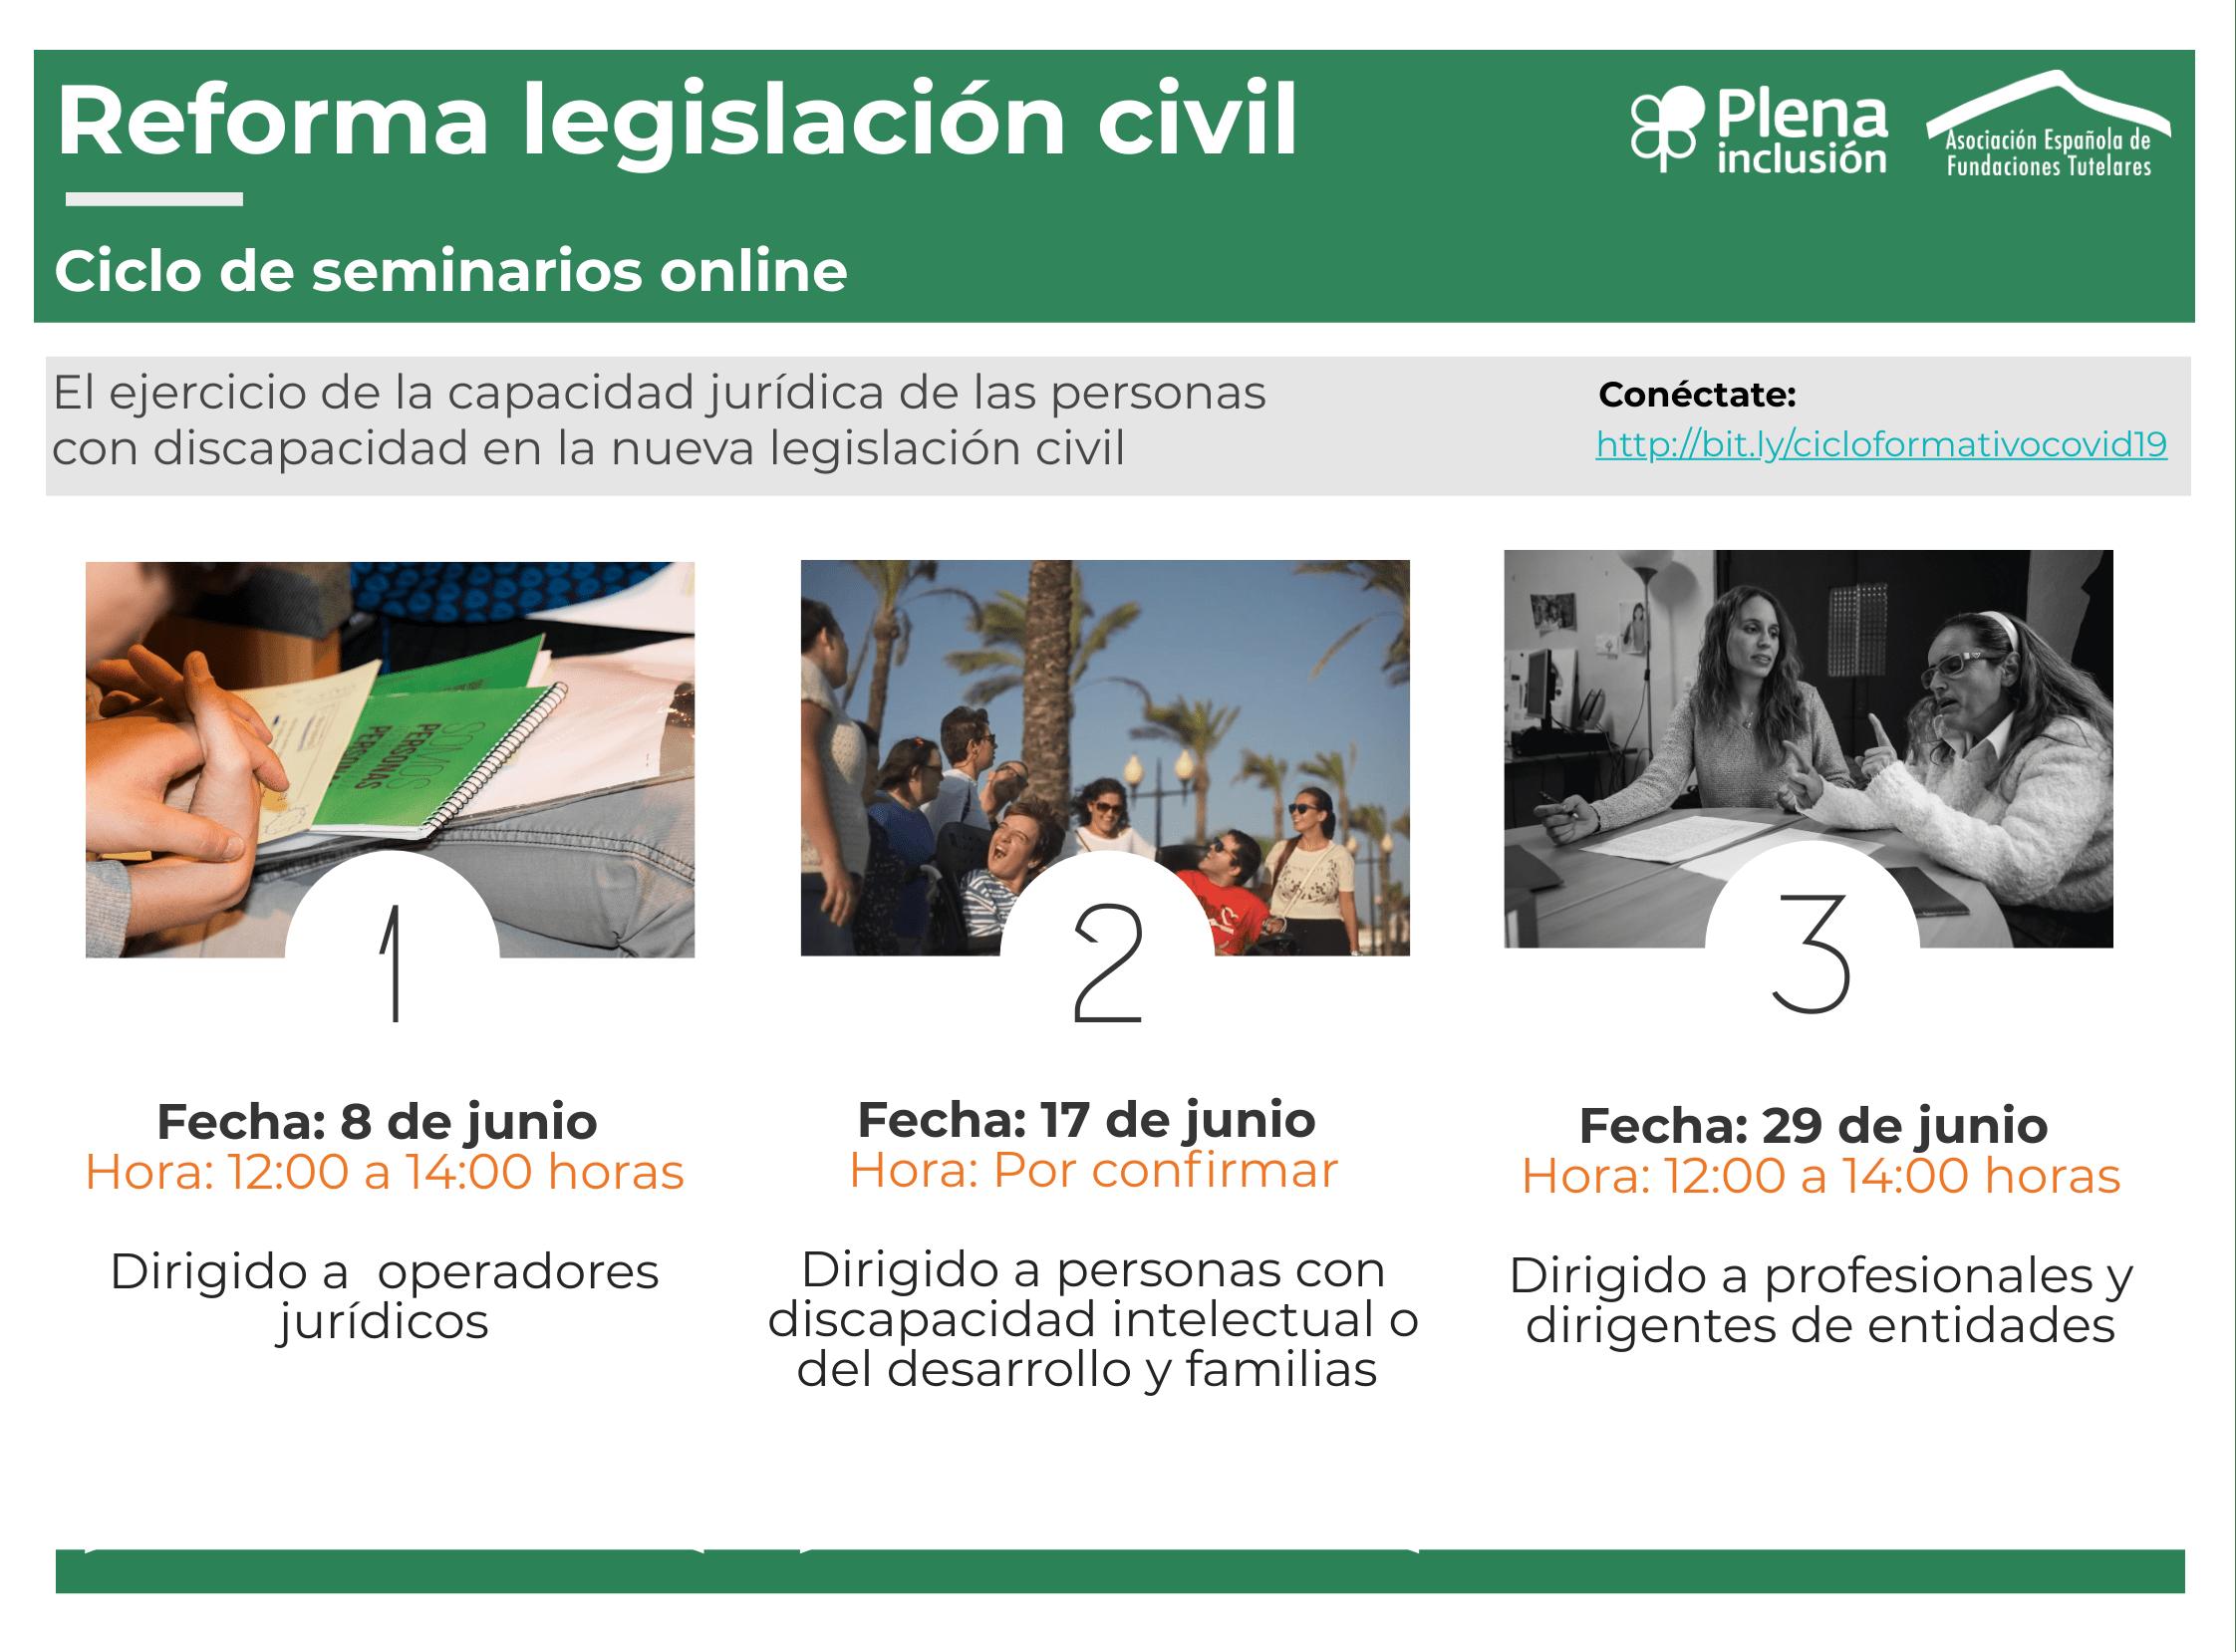 Ciclo de seminarios legislación civil